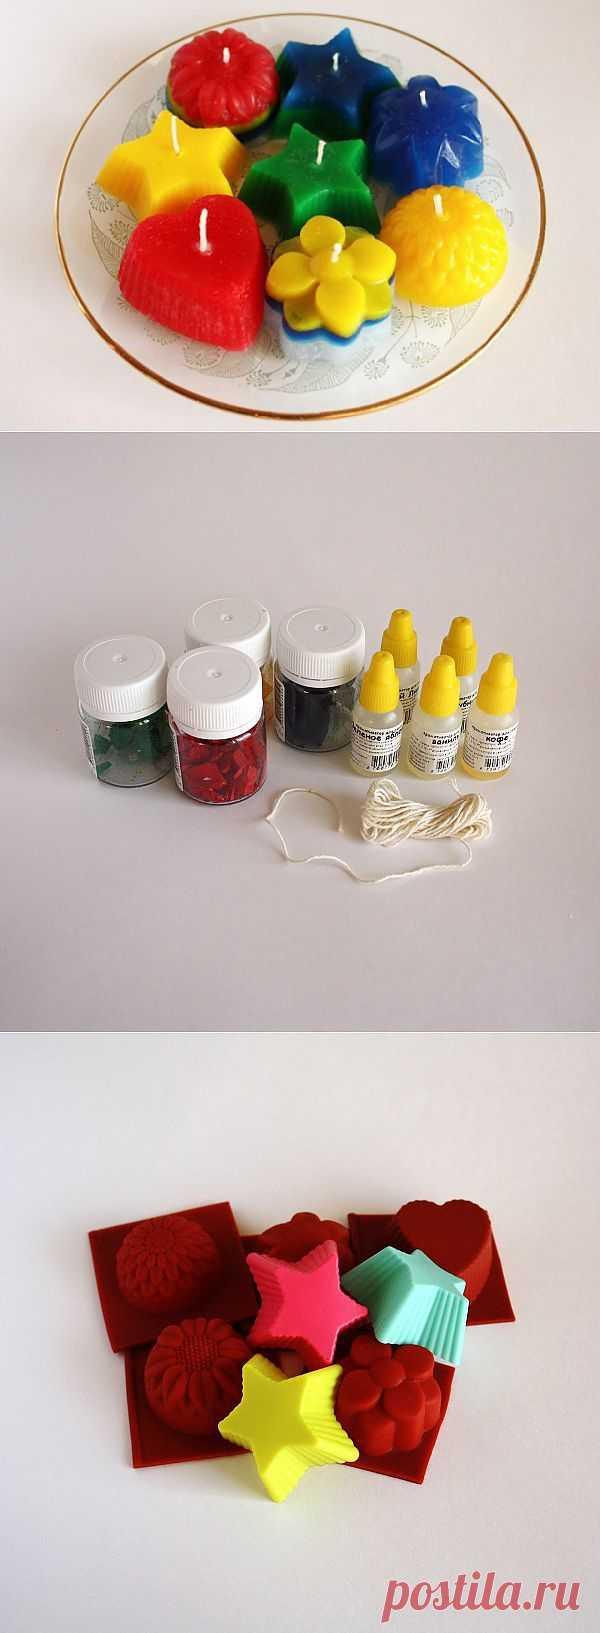 (+1) - Яркое хобби: делаем парафиновые свечи | Хвастуны и хвастушки